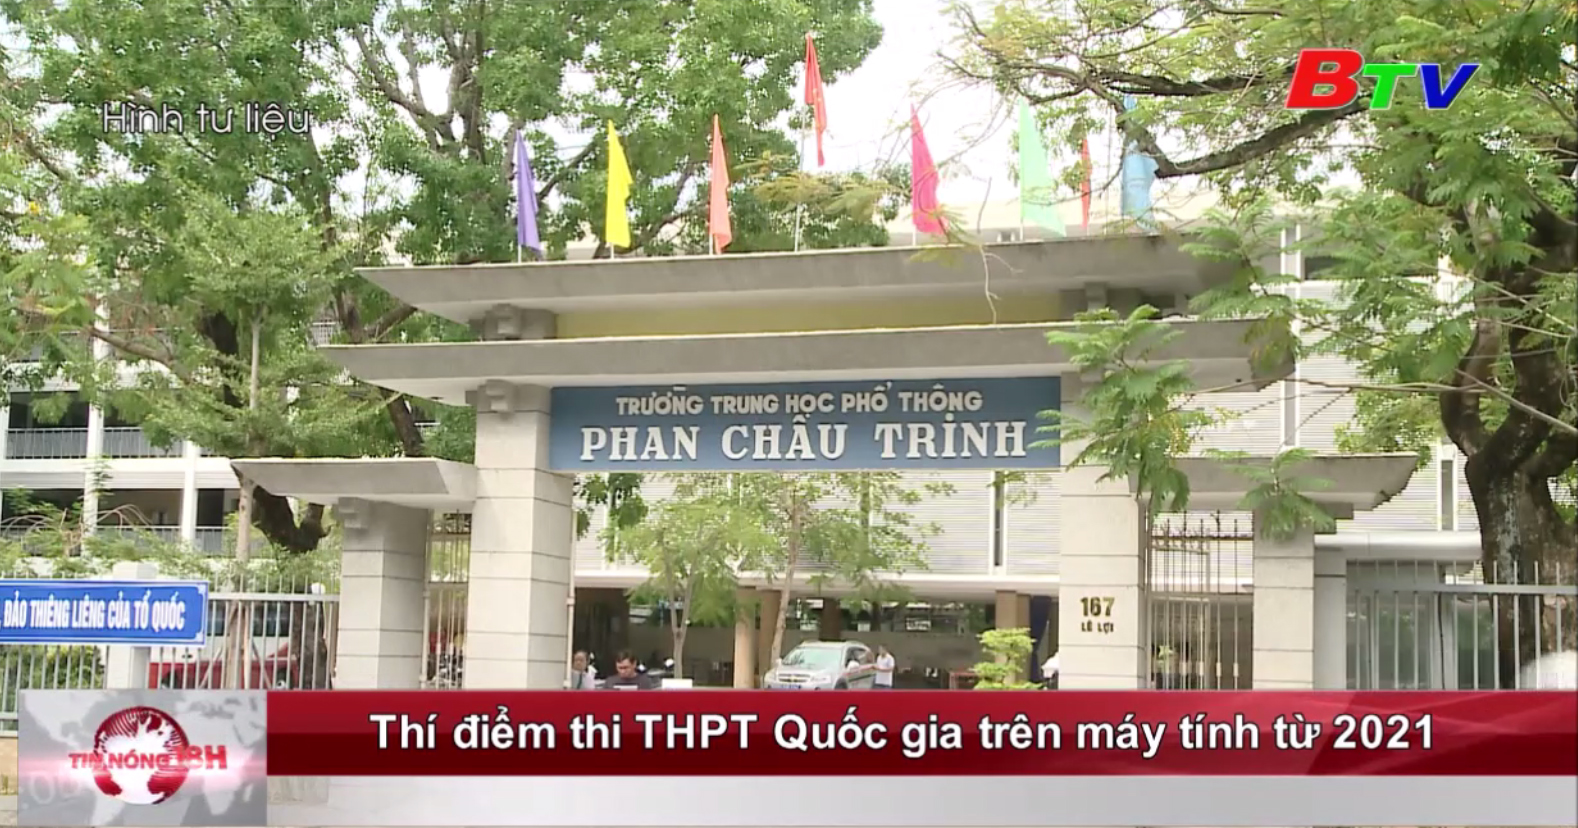 Thí điểm thi THPT Quốc gia trên máy tính từ 2021